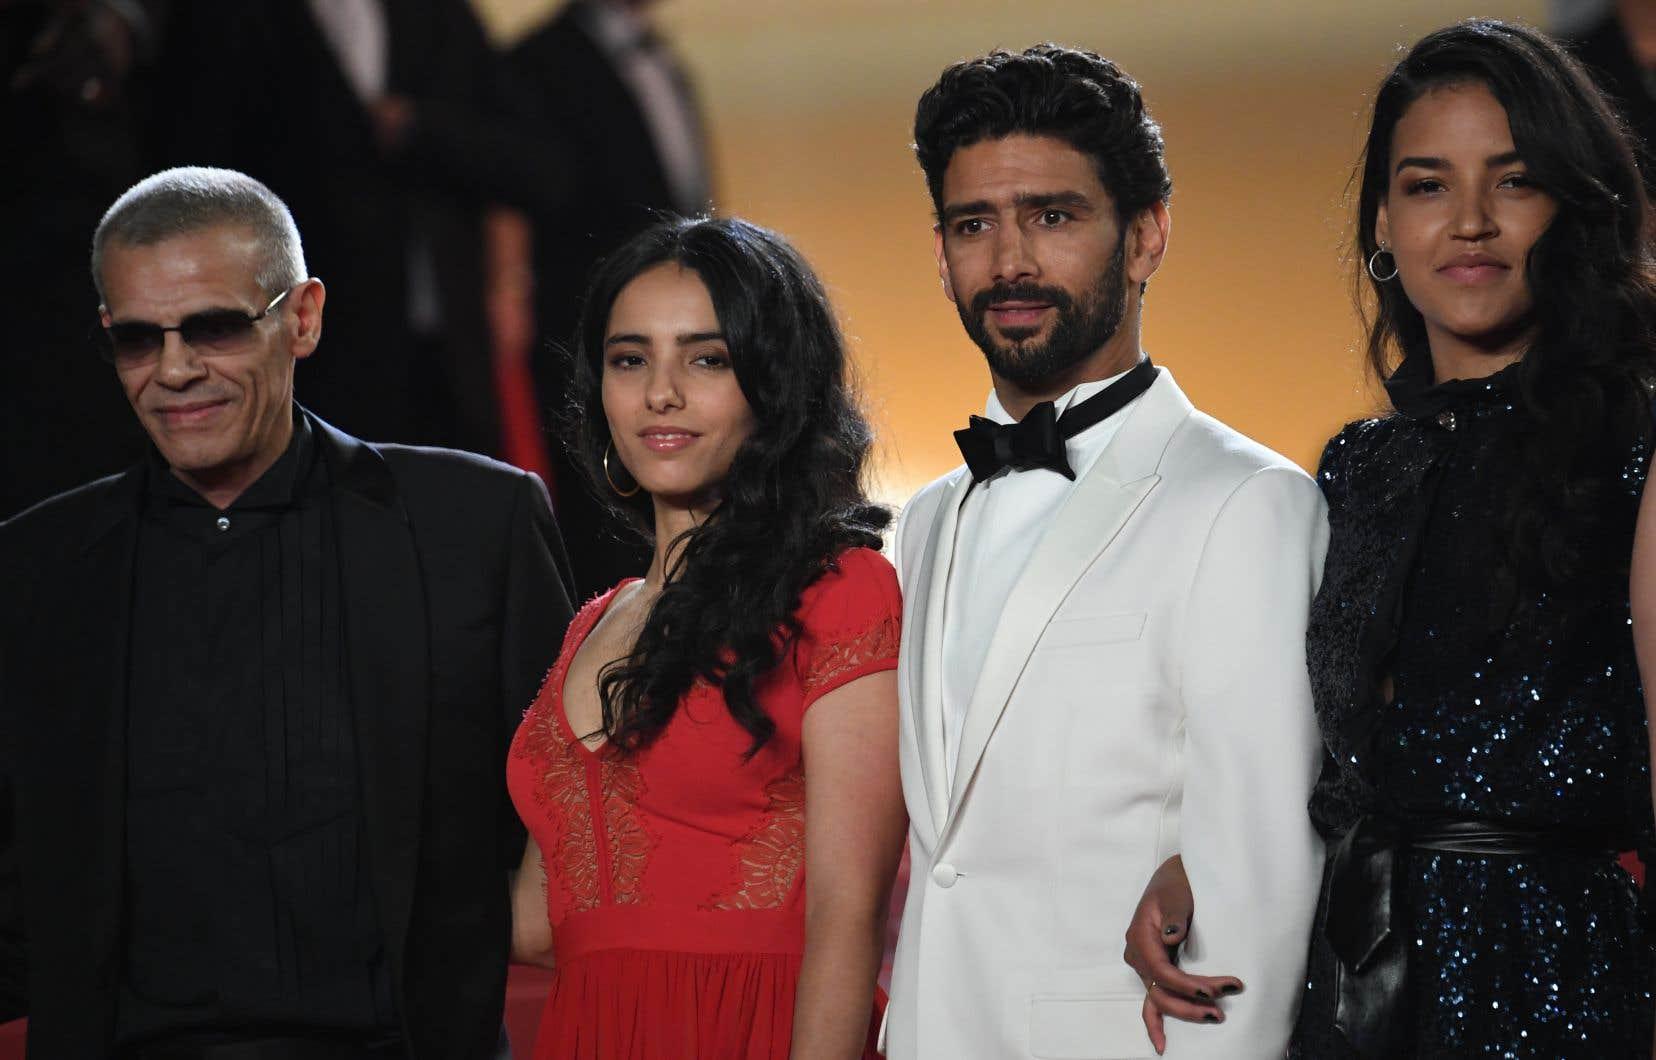 Le film «Mektoub, My Love», d'Abdellatif Kechiche (à gauche), est la polémique de cette édition, qui manquait jusqu'ici de protestations virulentes.